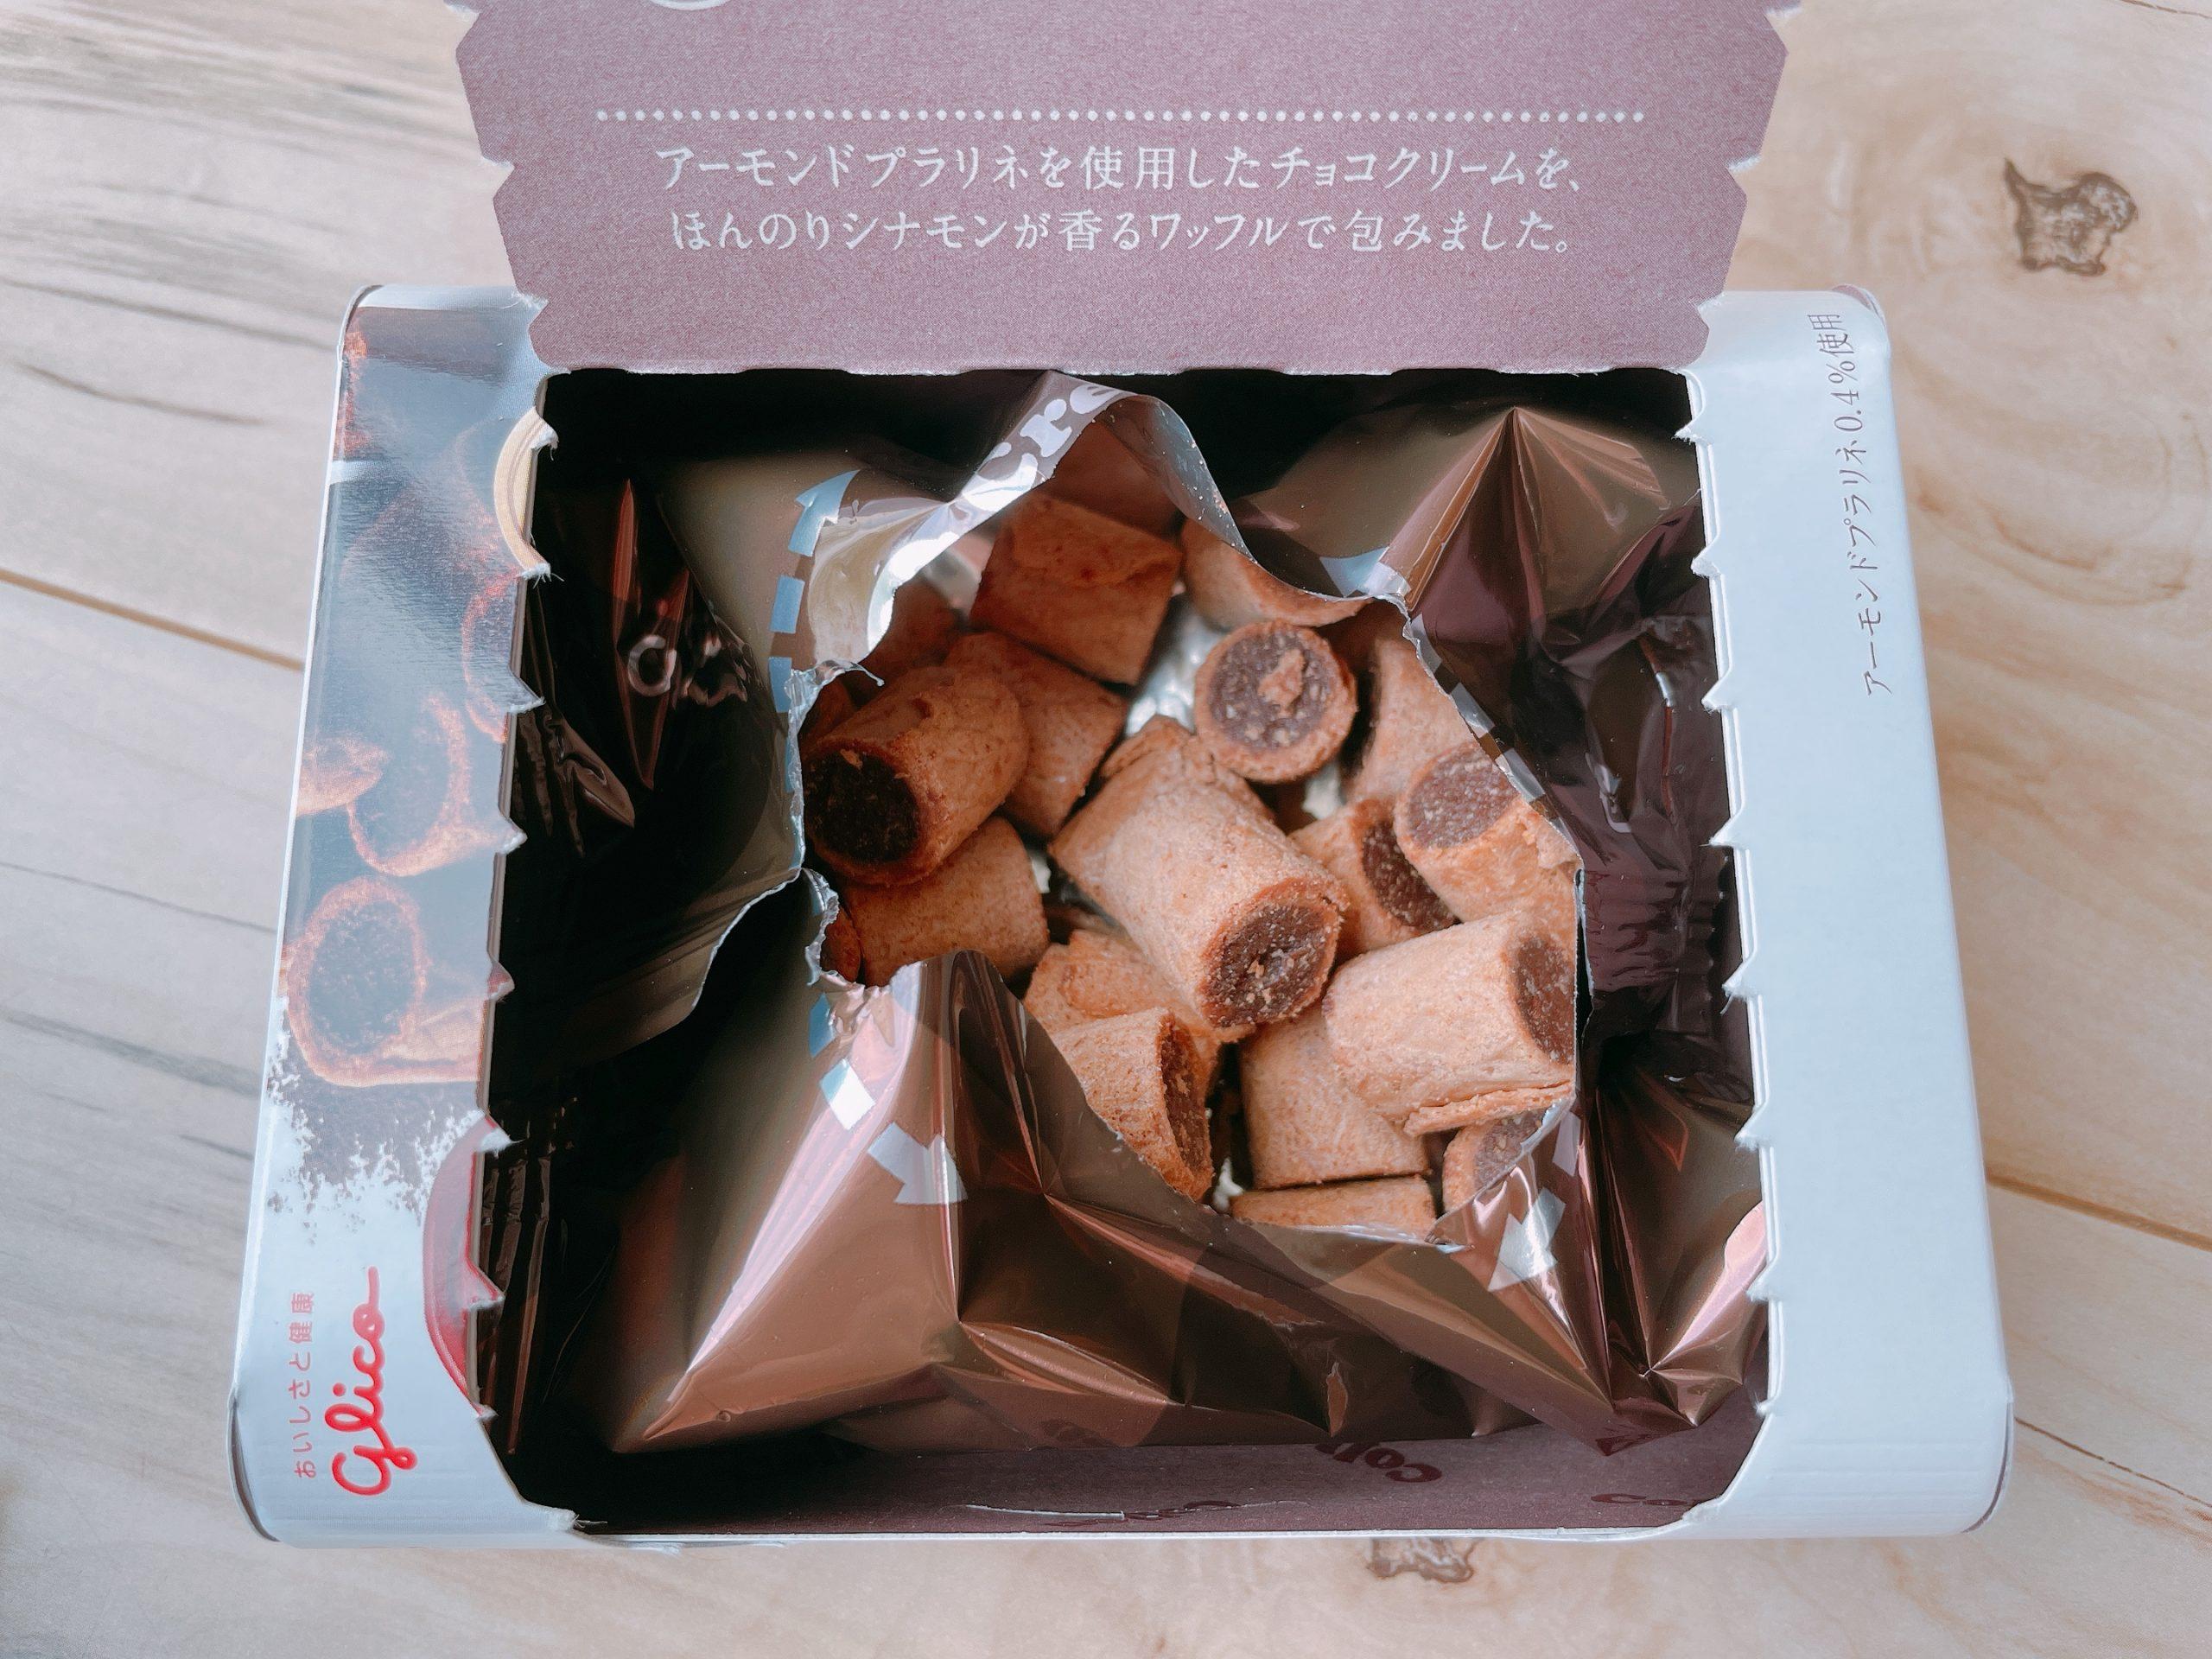 クリームコロン<大人のショコラ>は、開封するとシナモンの香り